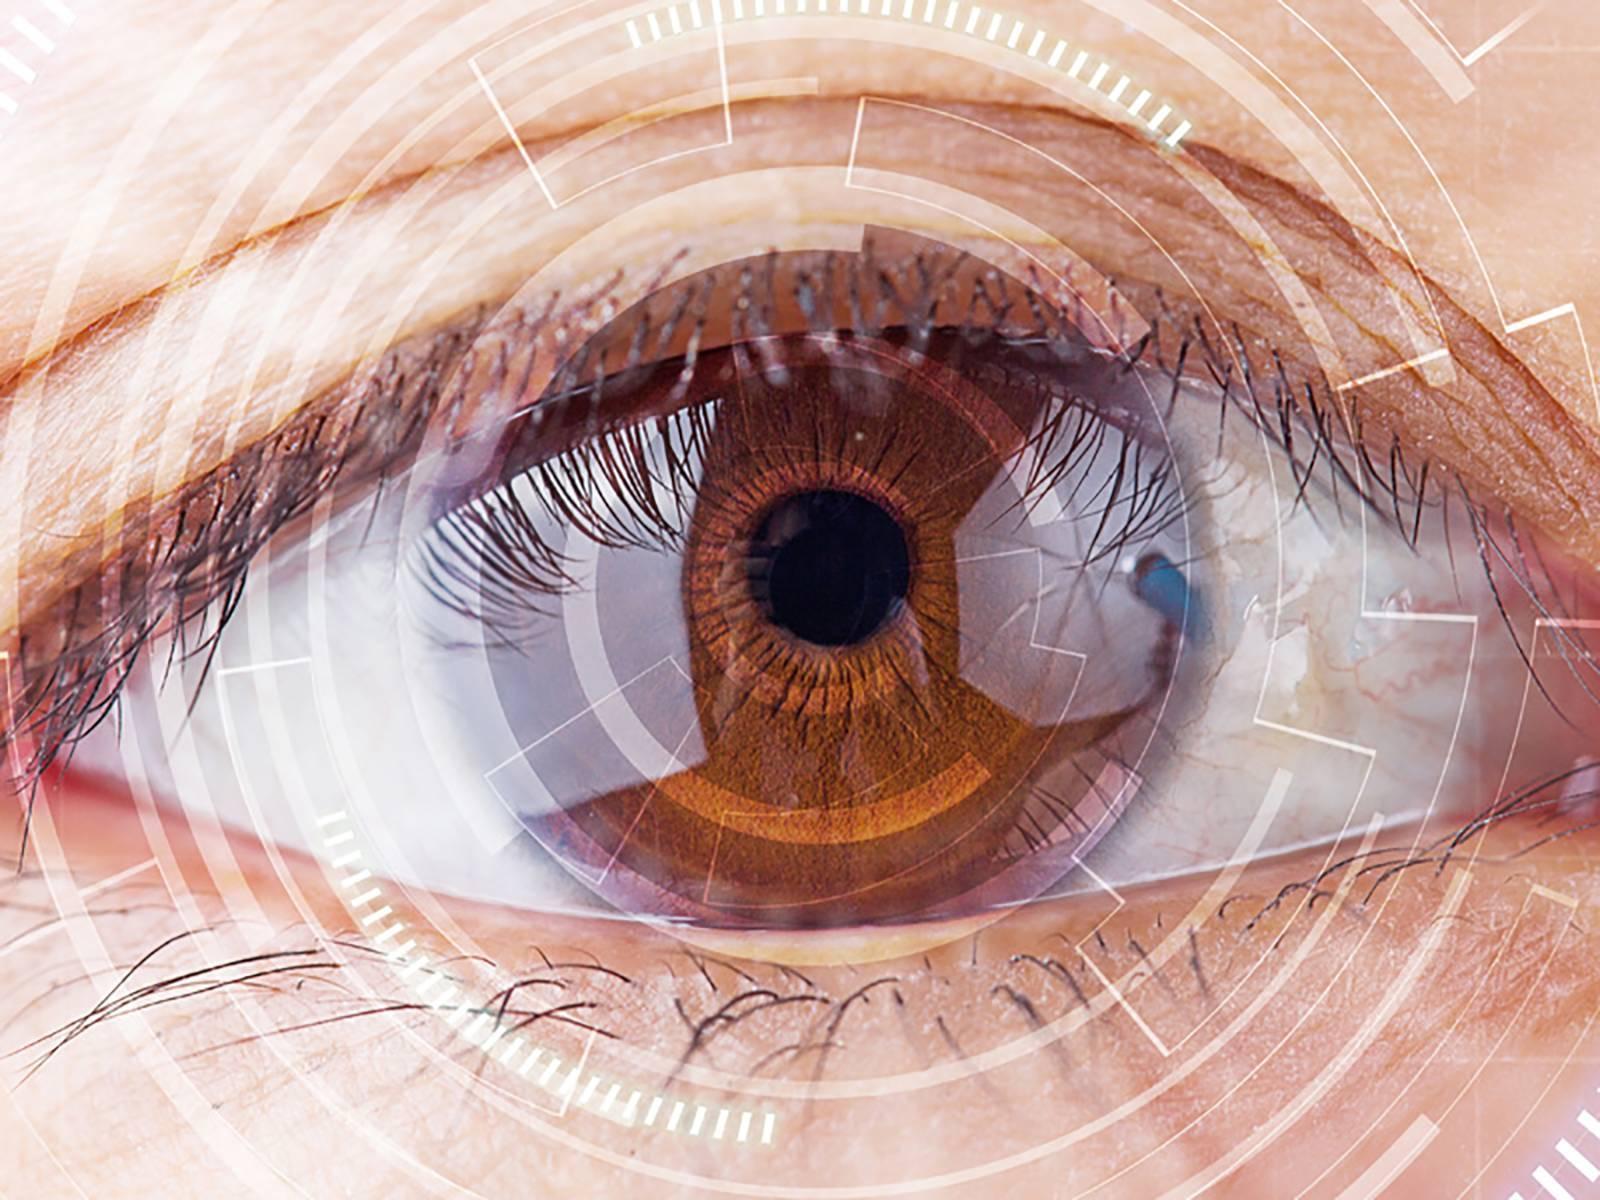 Функции и строение колбочек и палочек сетчатки глаза